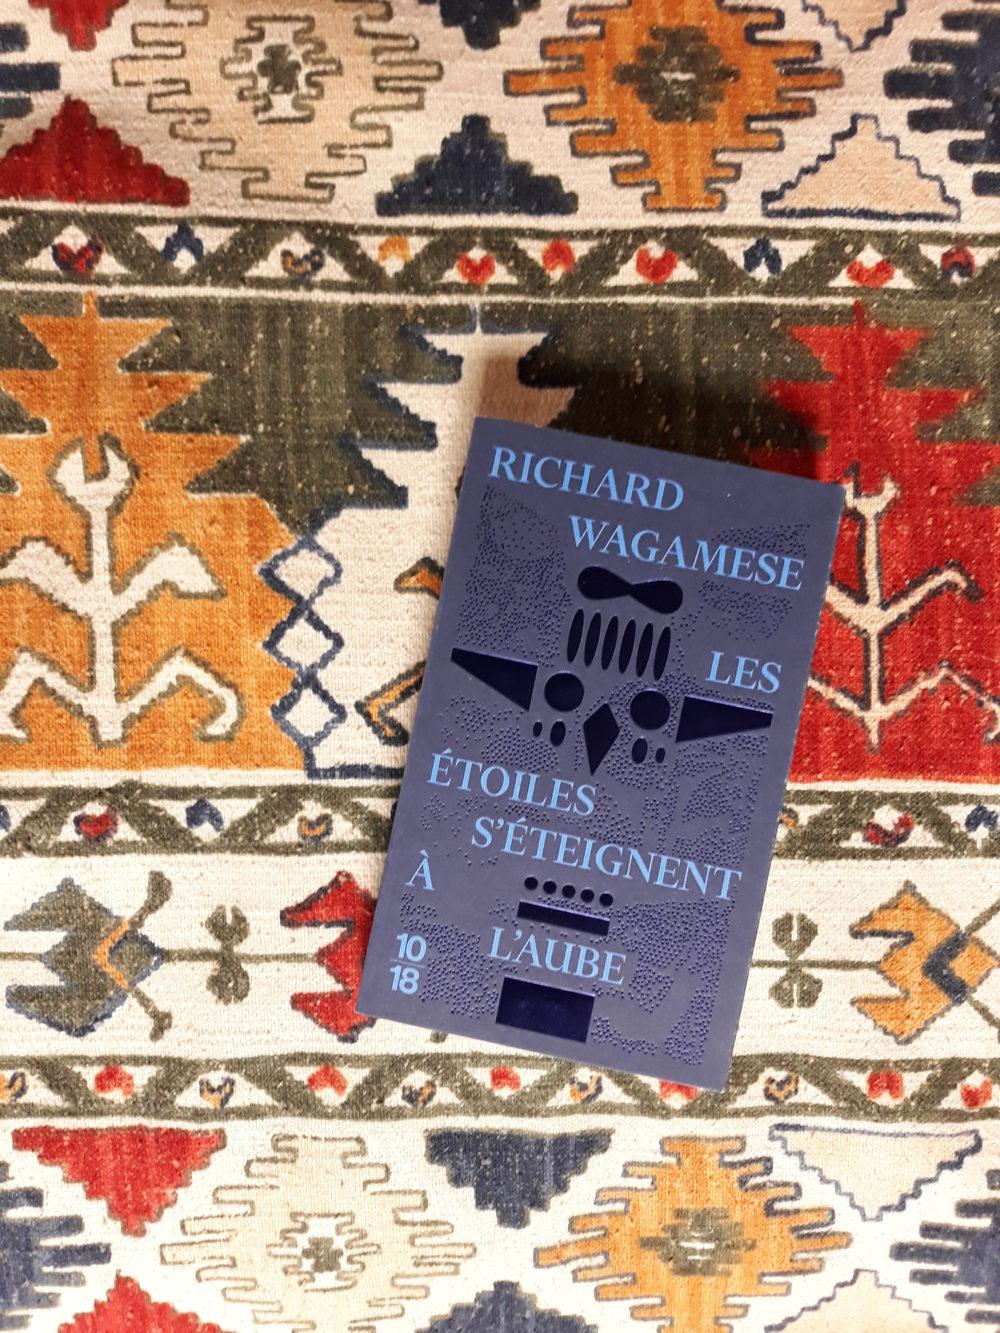 LES ÉTOILES S'ÉTEIGNENT À l'AUBE, Richard Wagamese, éditions 10/18